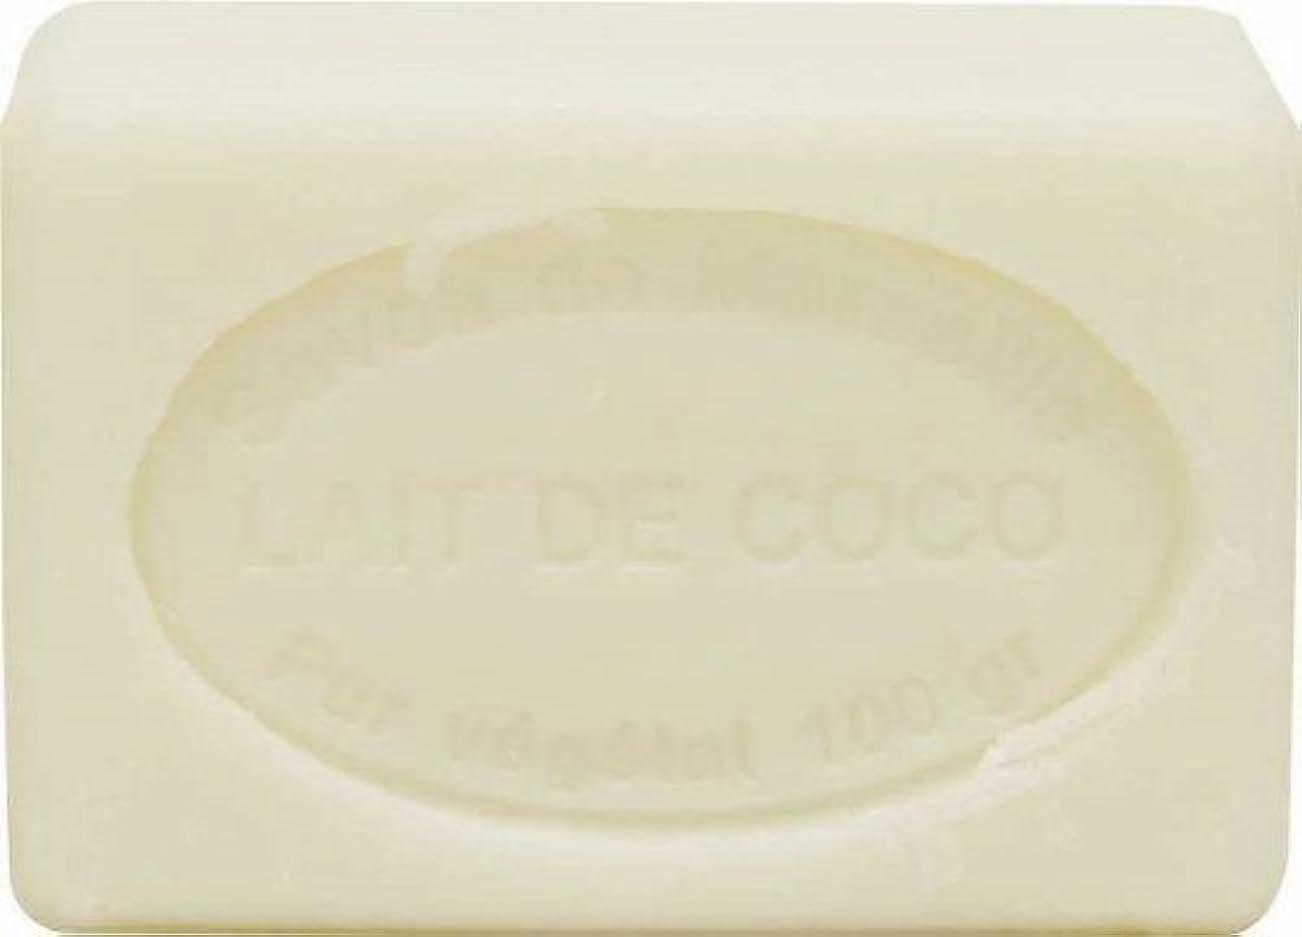 押す知事乗り出すル?シャトゥラール ソープ 100g ココナッツミルク SAVON 100